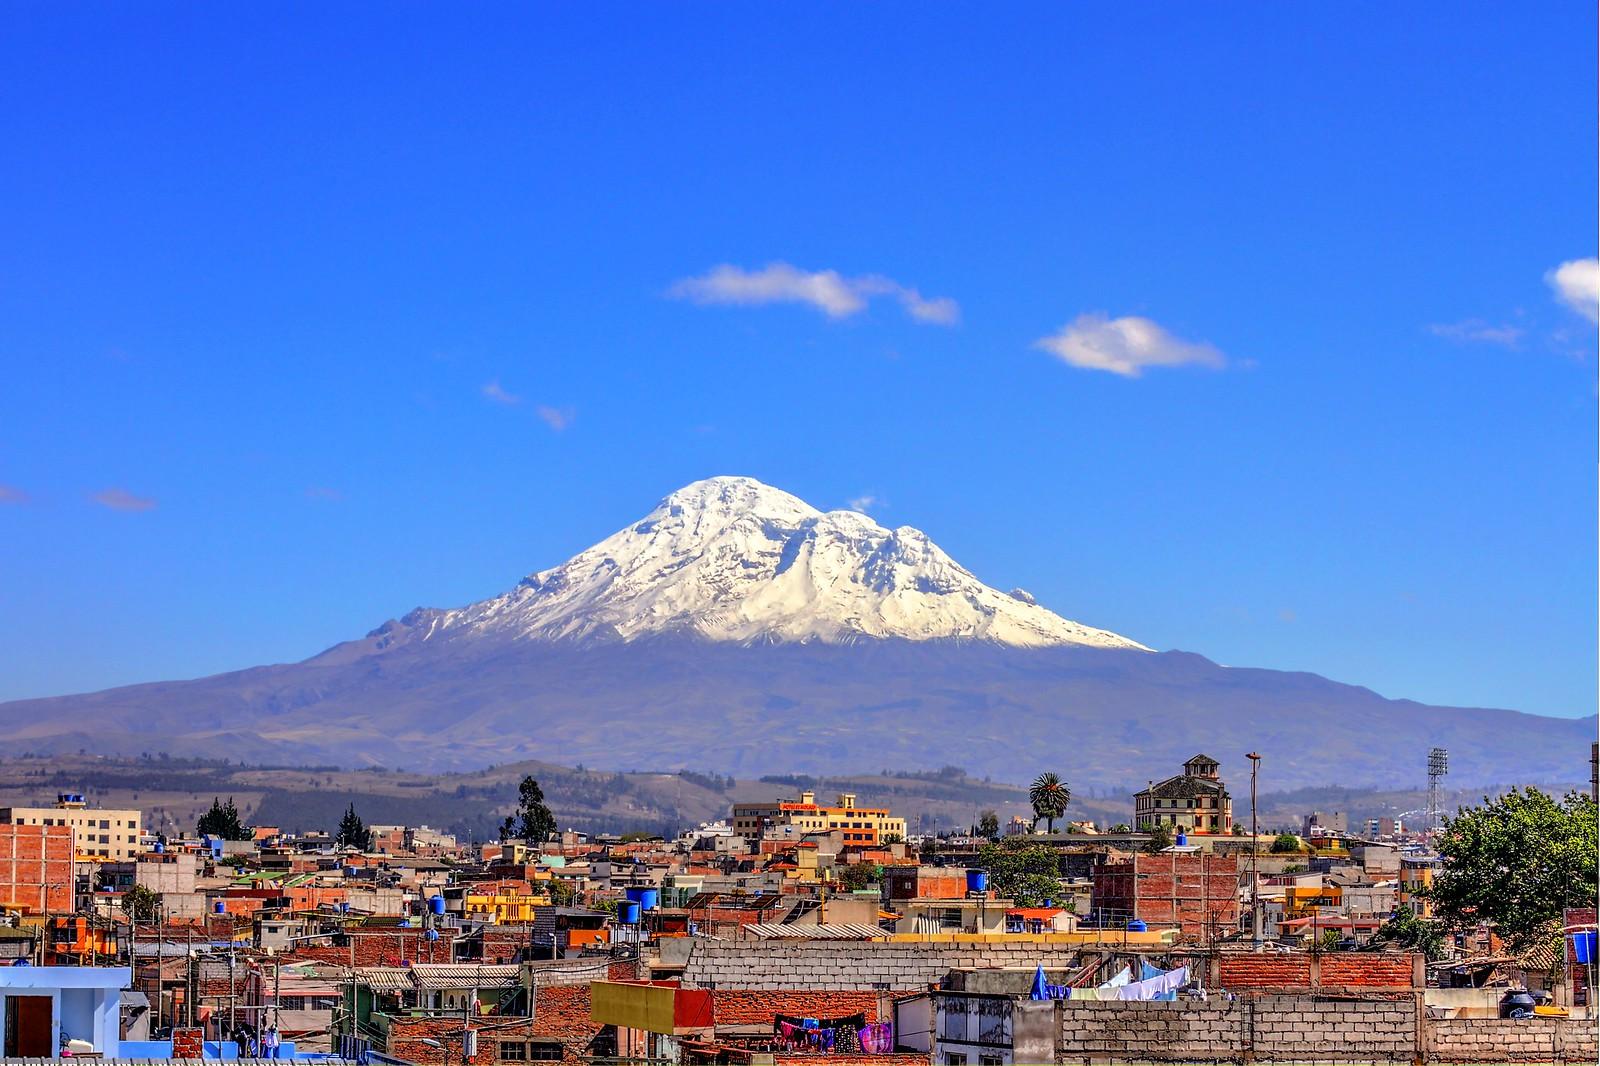 najwyższa góra świata. Chimborazo